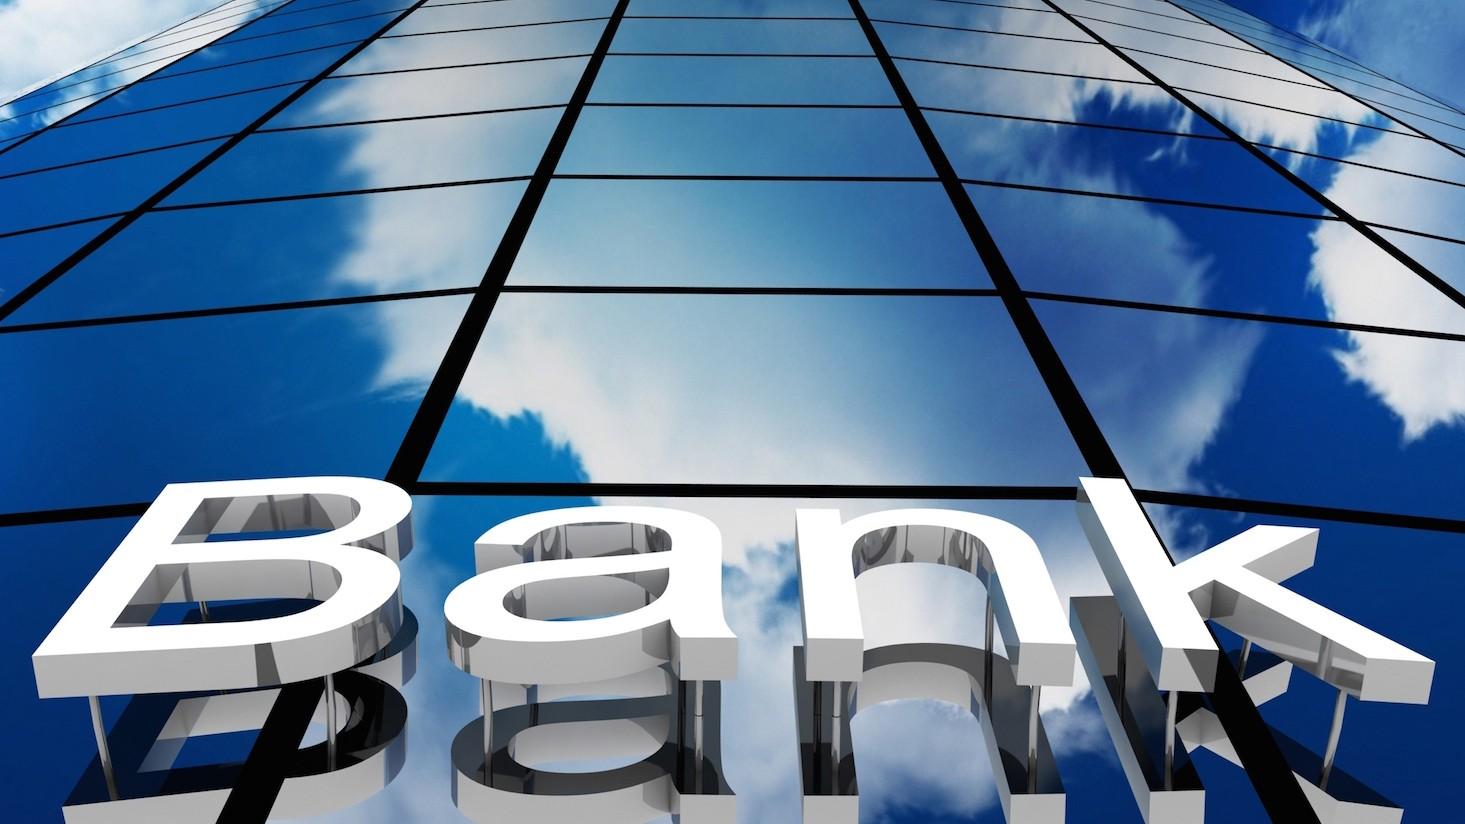 Bankların maliyyə göstəriciləri necə dəyişib?